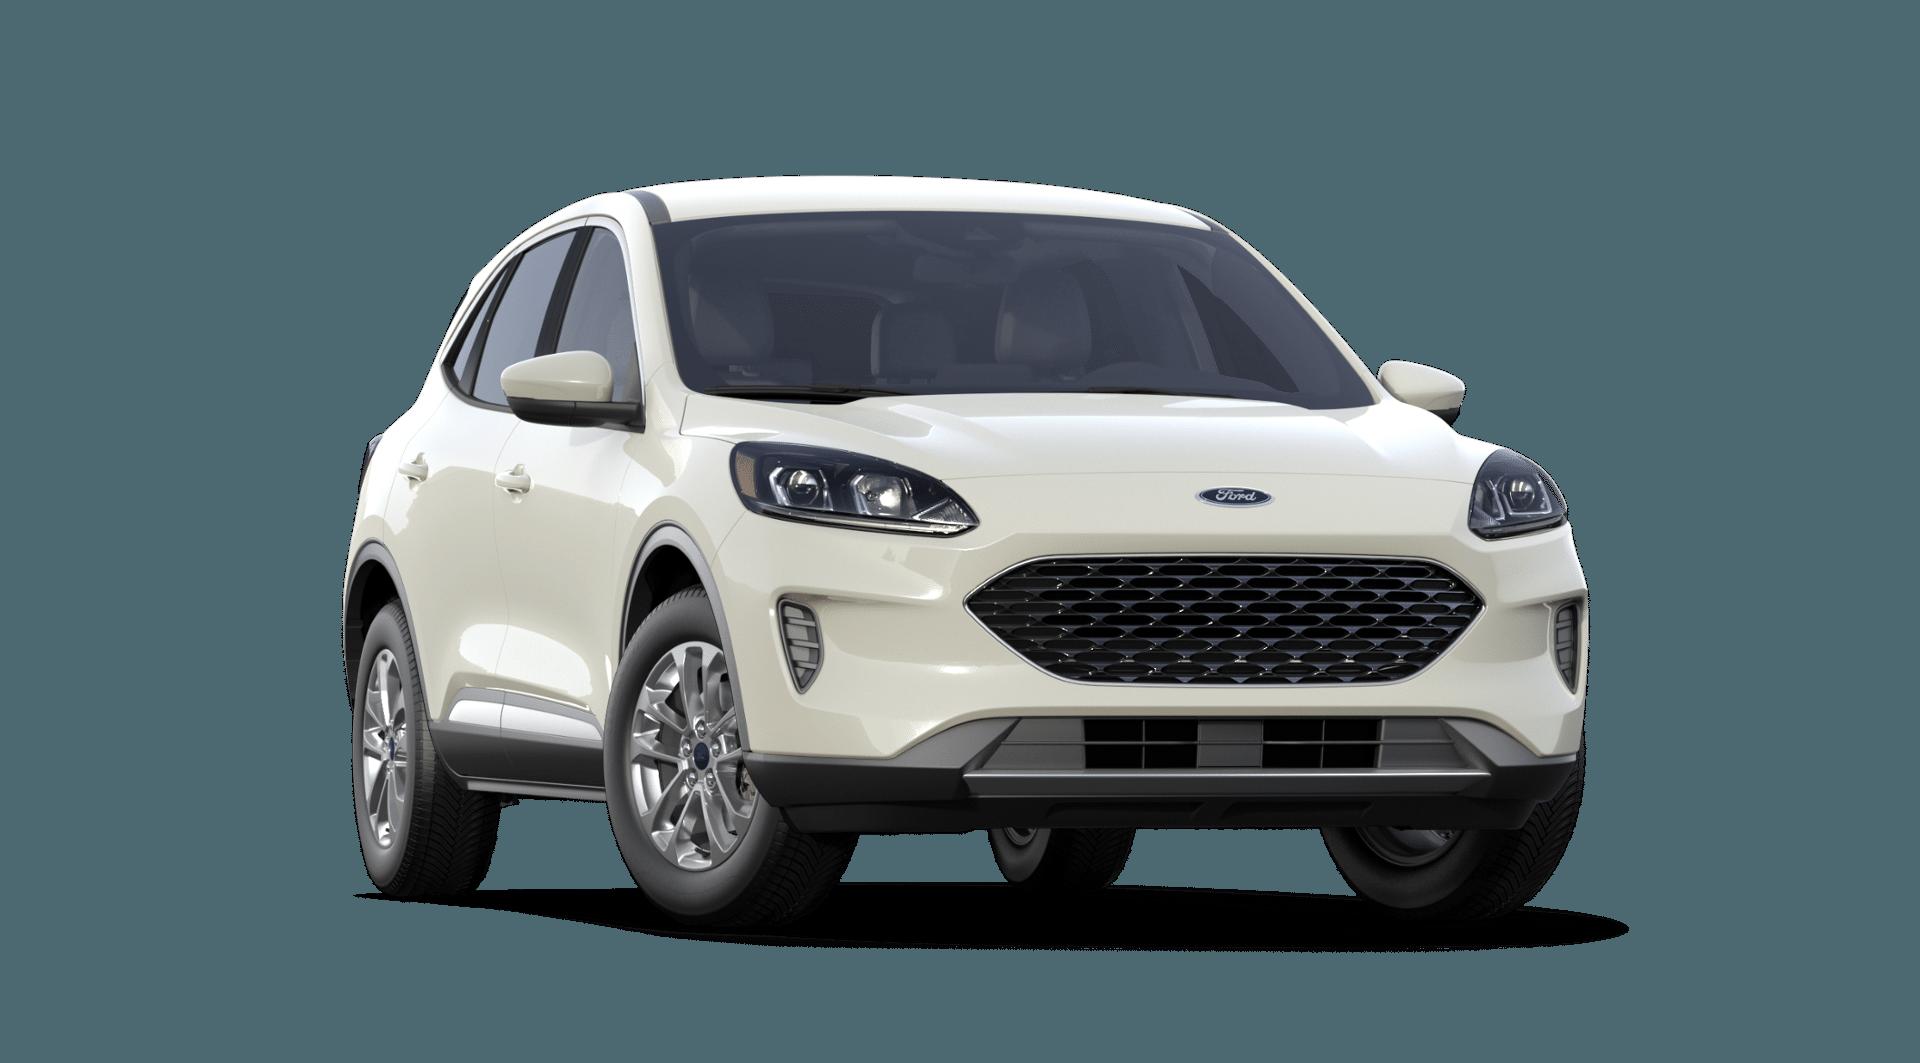 2020 Ford Escape Star White